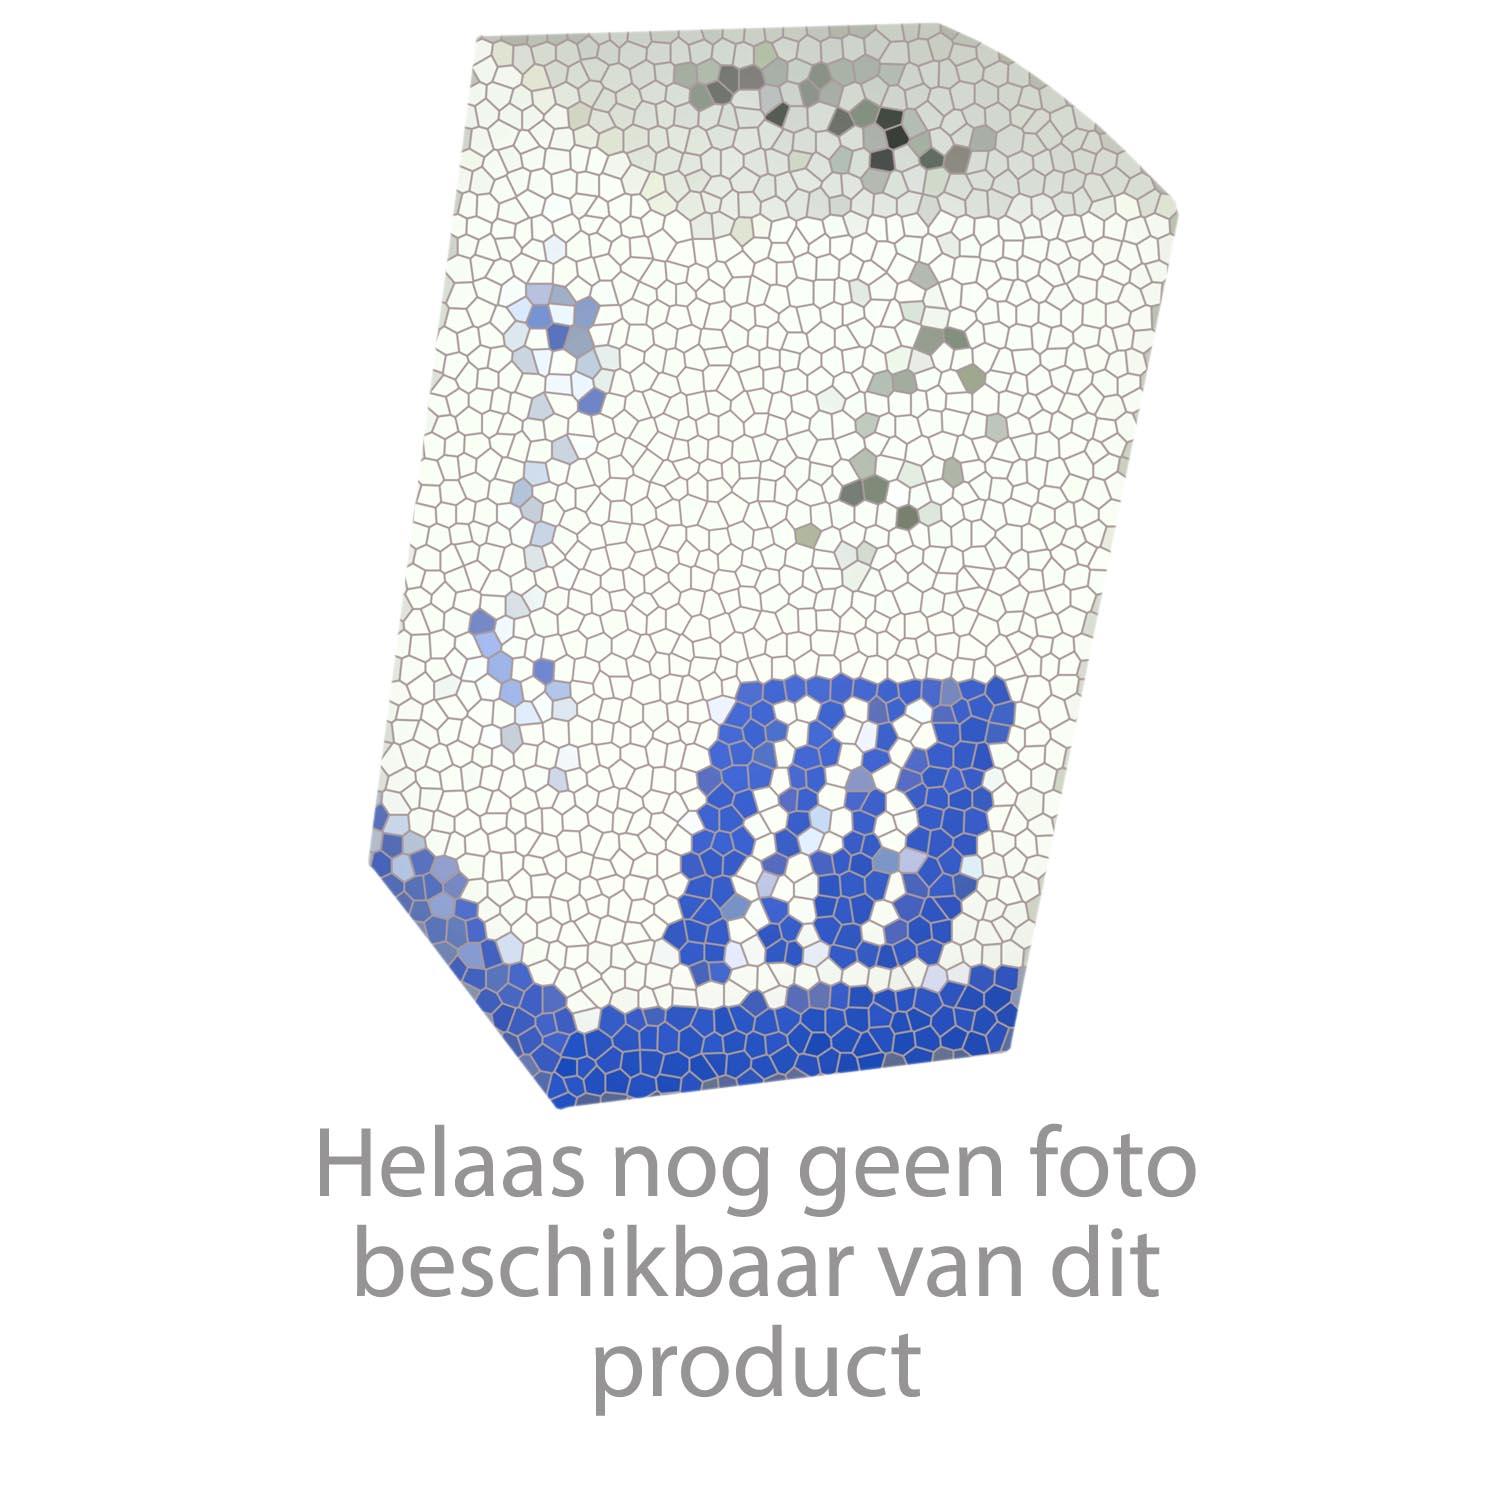 HansGrohe Keukenmengkranen Mondial / Uno productiejaar 04/86 - 03/99 13855 onderdelen